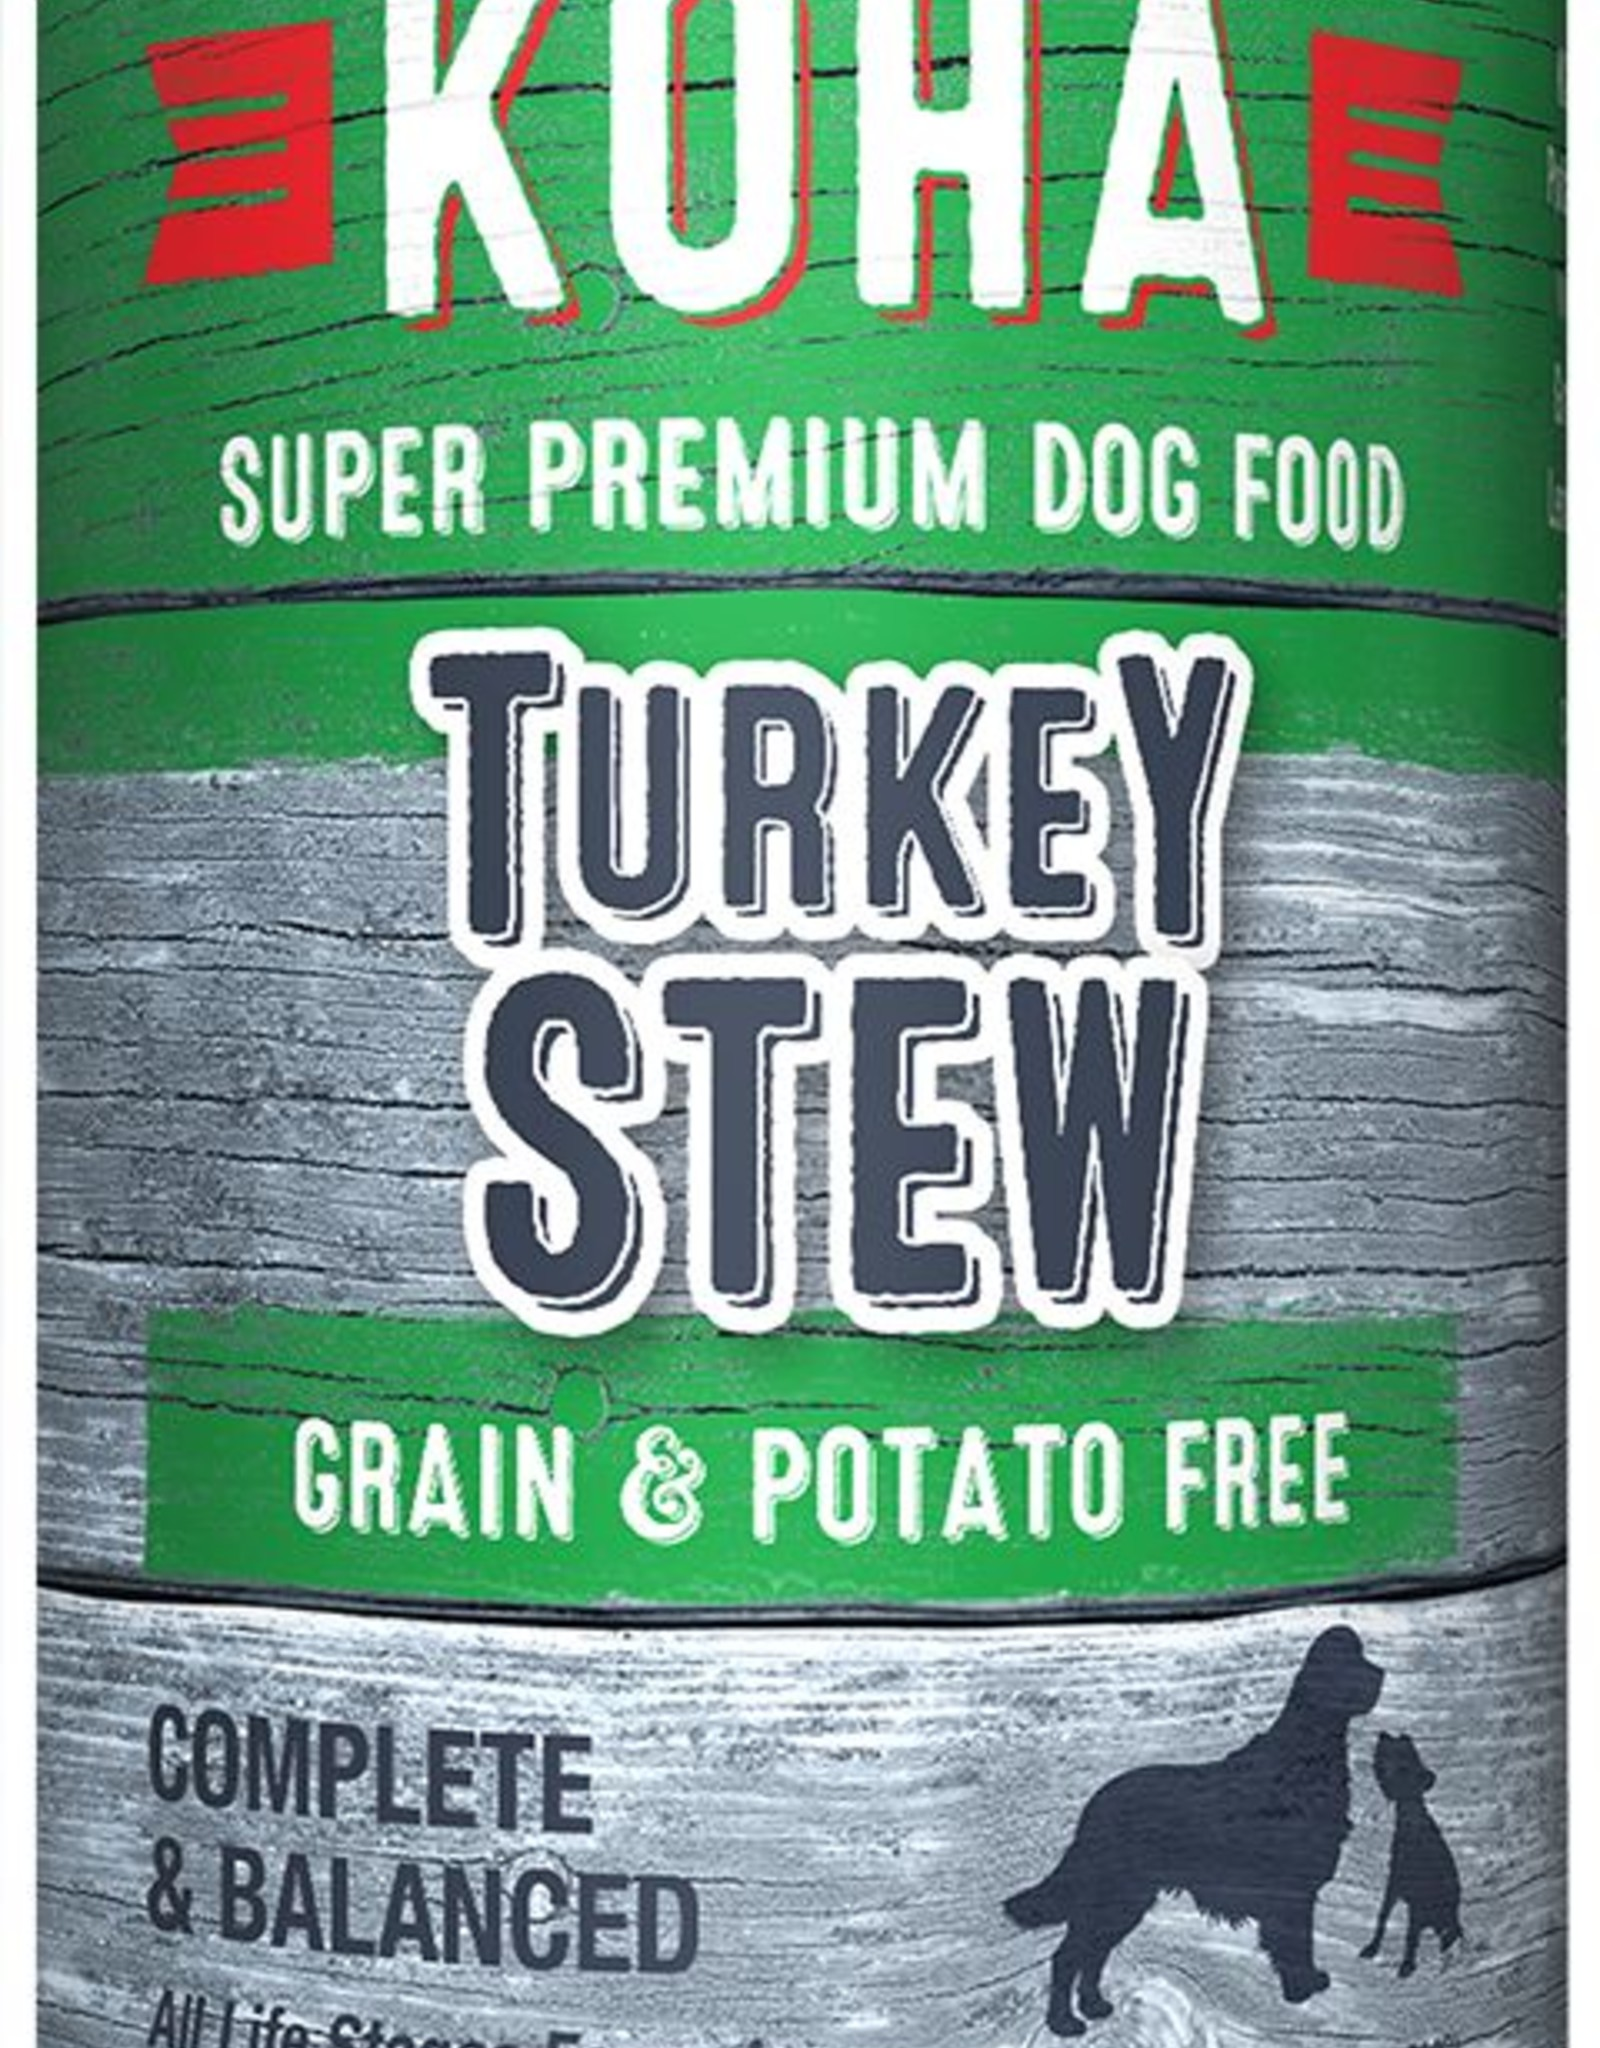 Koha Koha Turkey Stew for Dogs 12.7oz